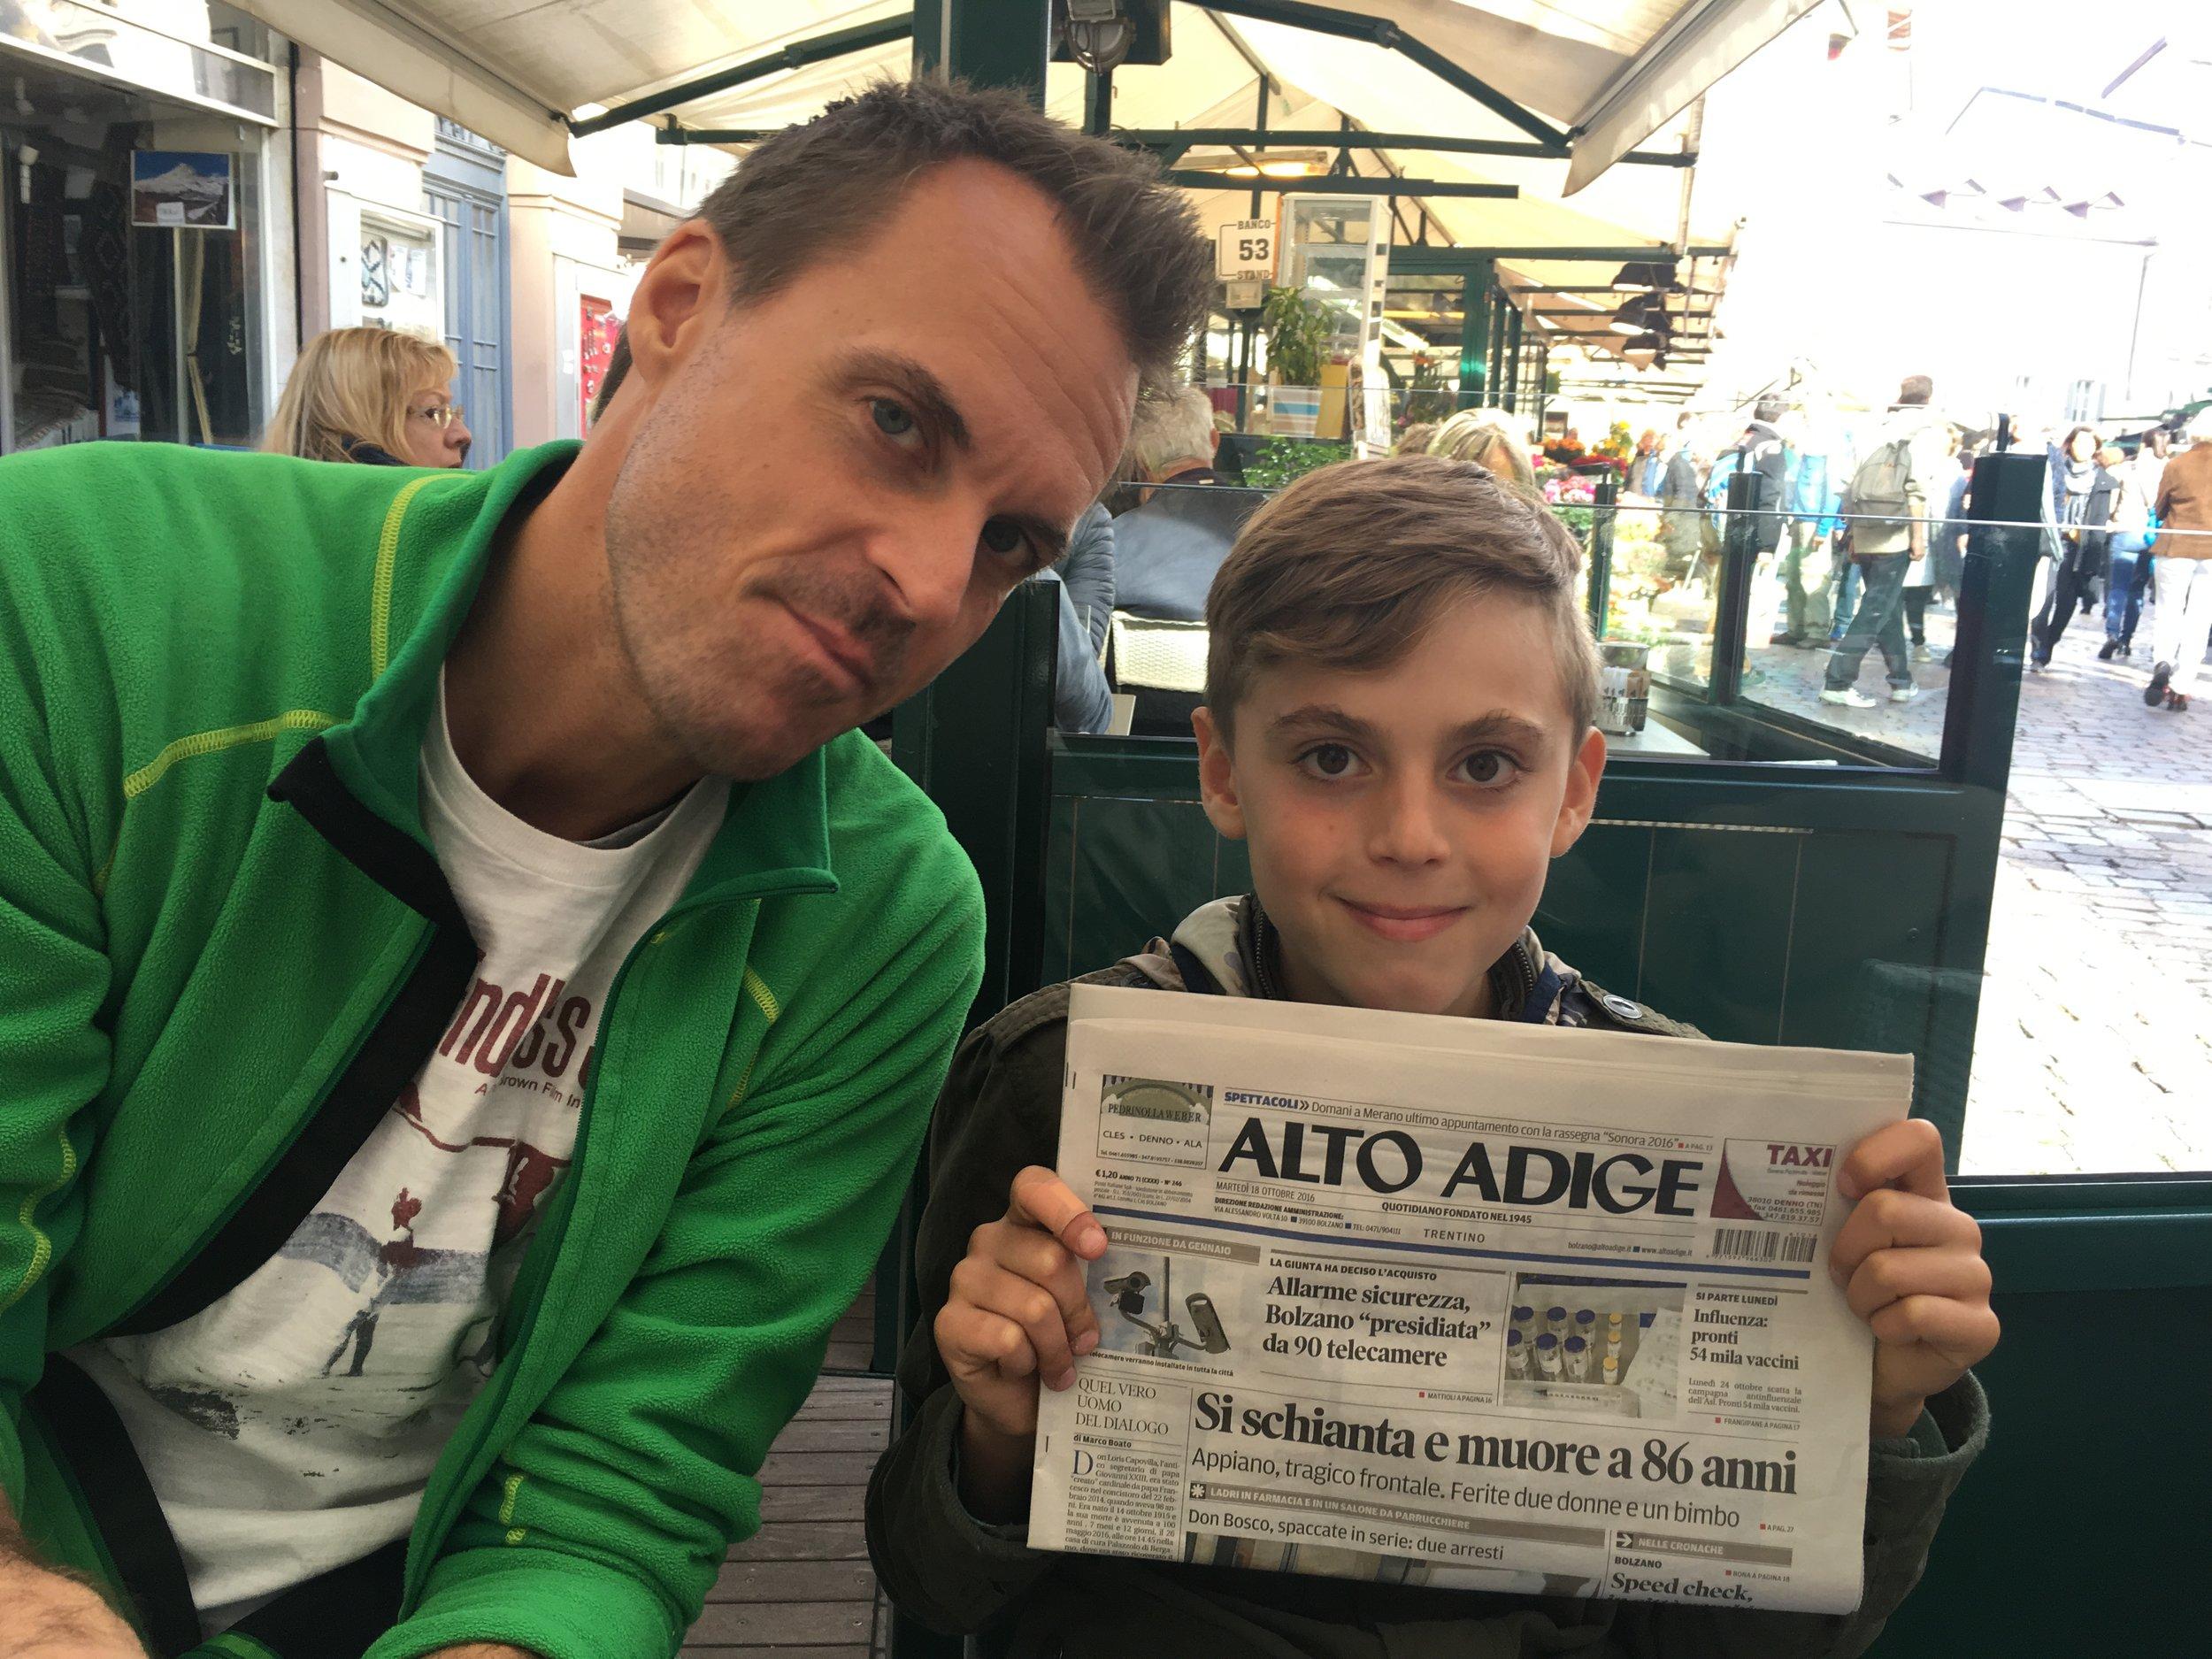 El periódico de la región es en italiano, aunque durante nuestra visita sólo encontré a una persona que no entendía alemán.